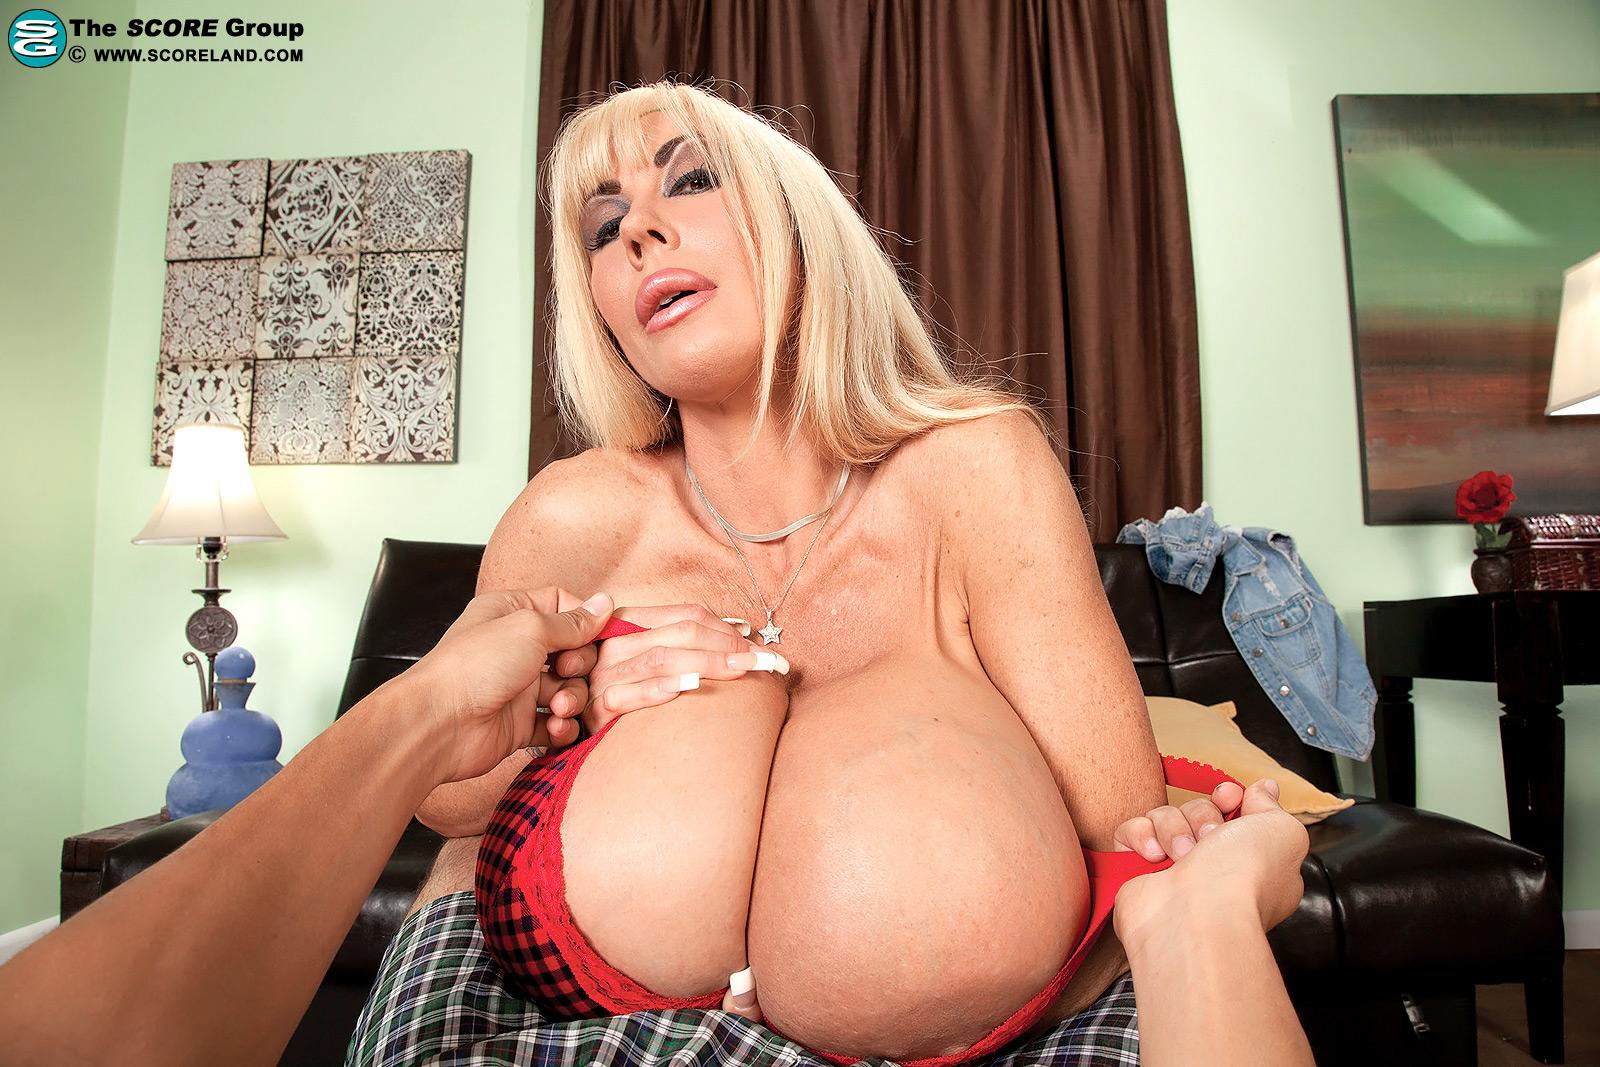 Elizabeth starr super long nails blowjob 8